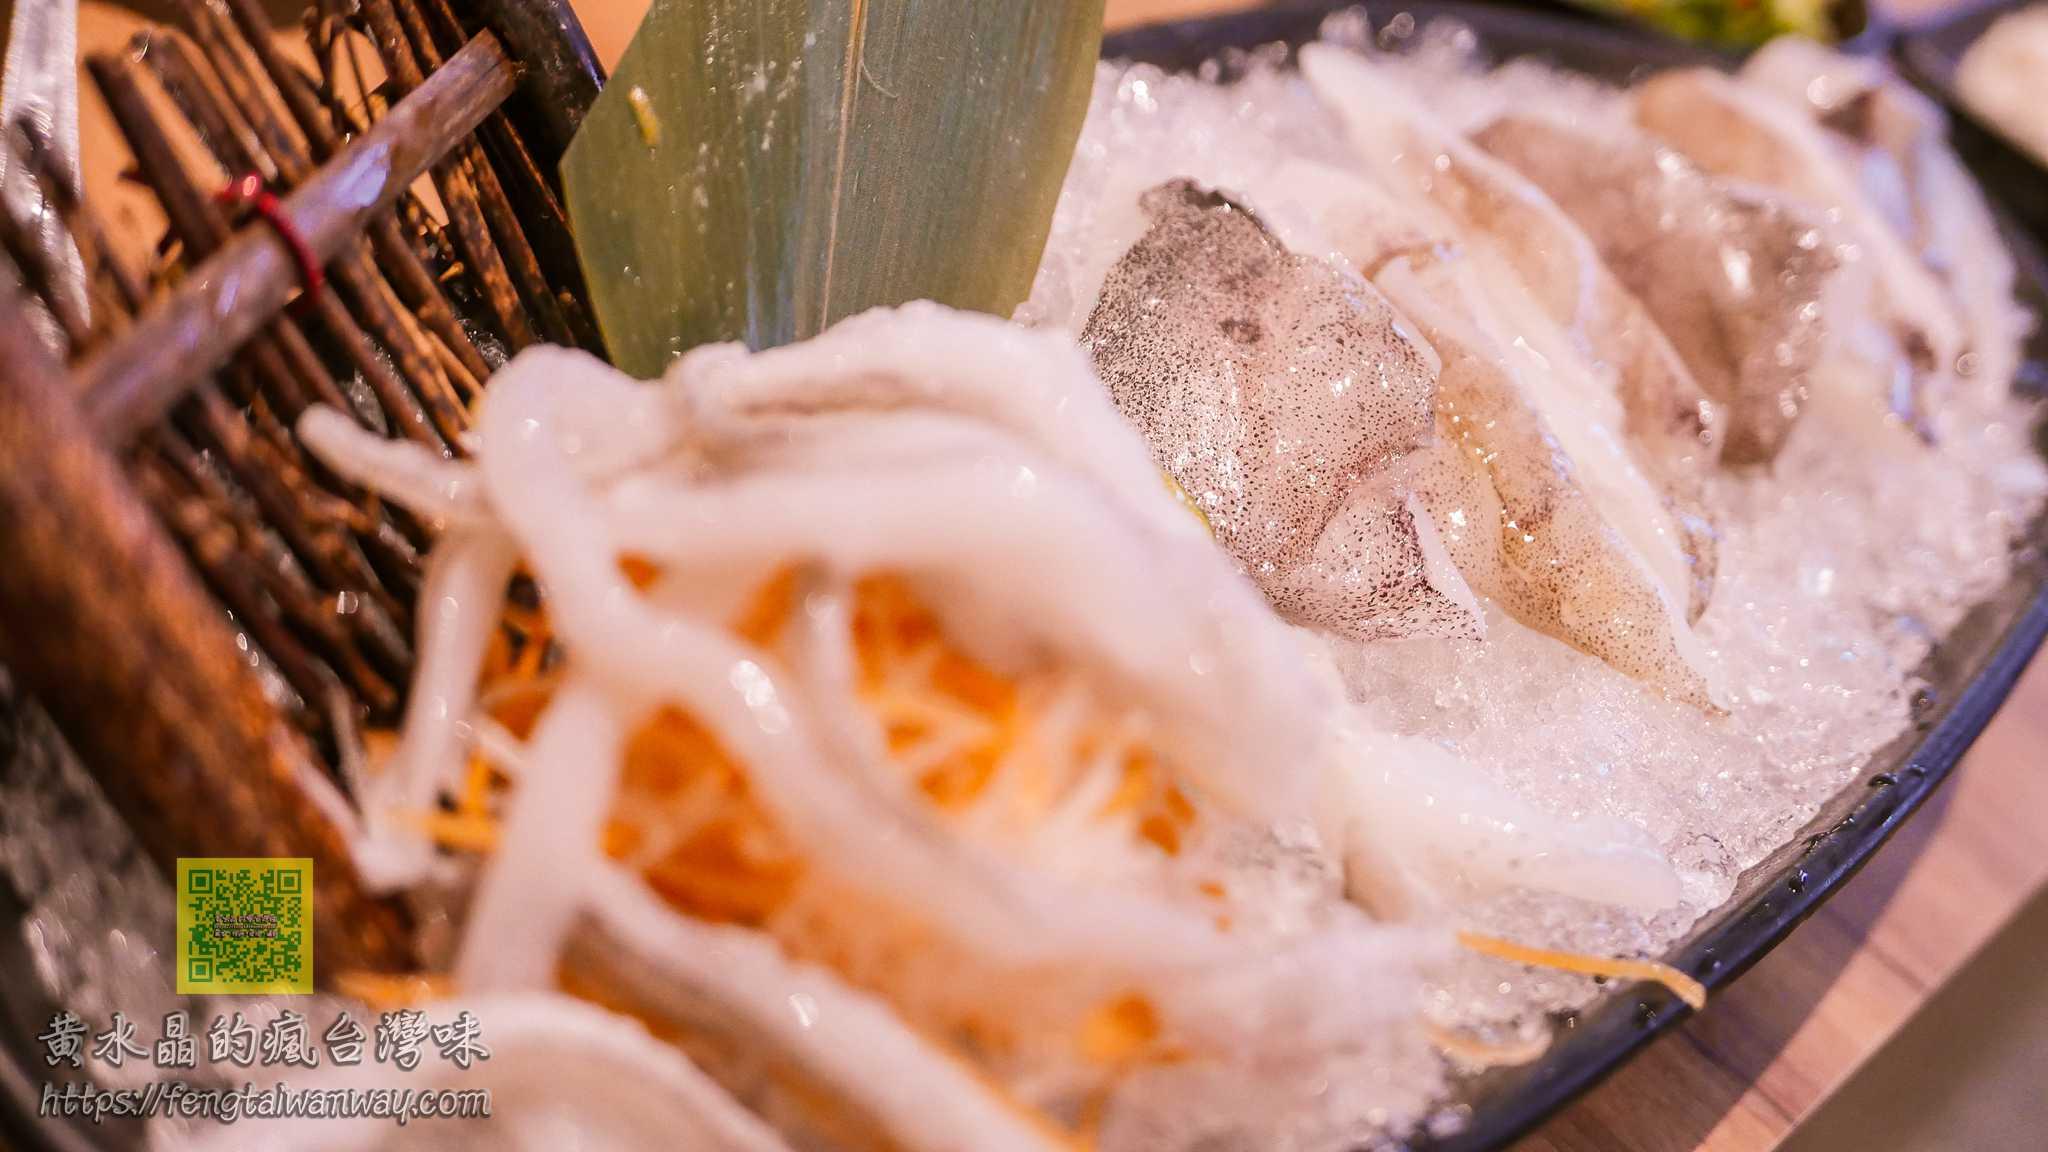 上水樸石【三峽美食】|三峽北大特區場地寬敞,適合家庭聚會、團體聚餐的火鍋店 @黃水晶的瘋台灣味